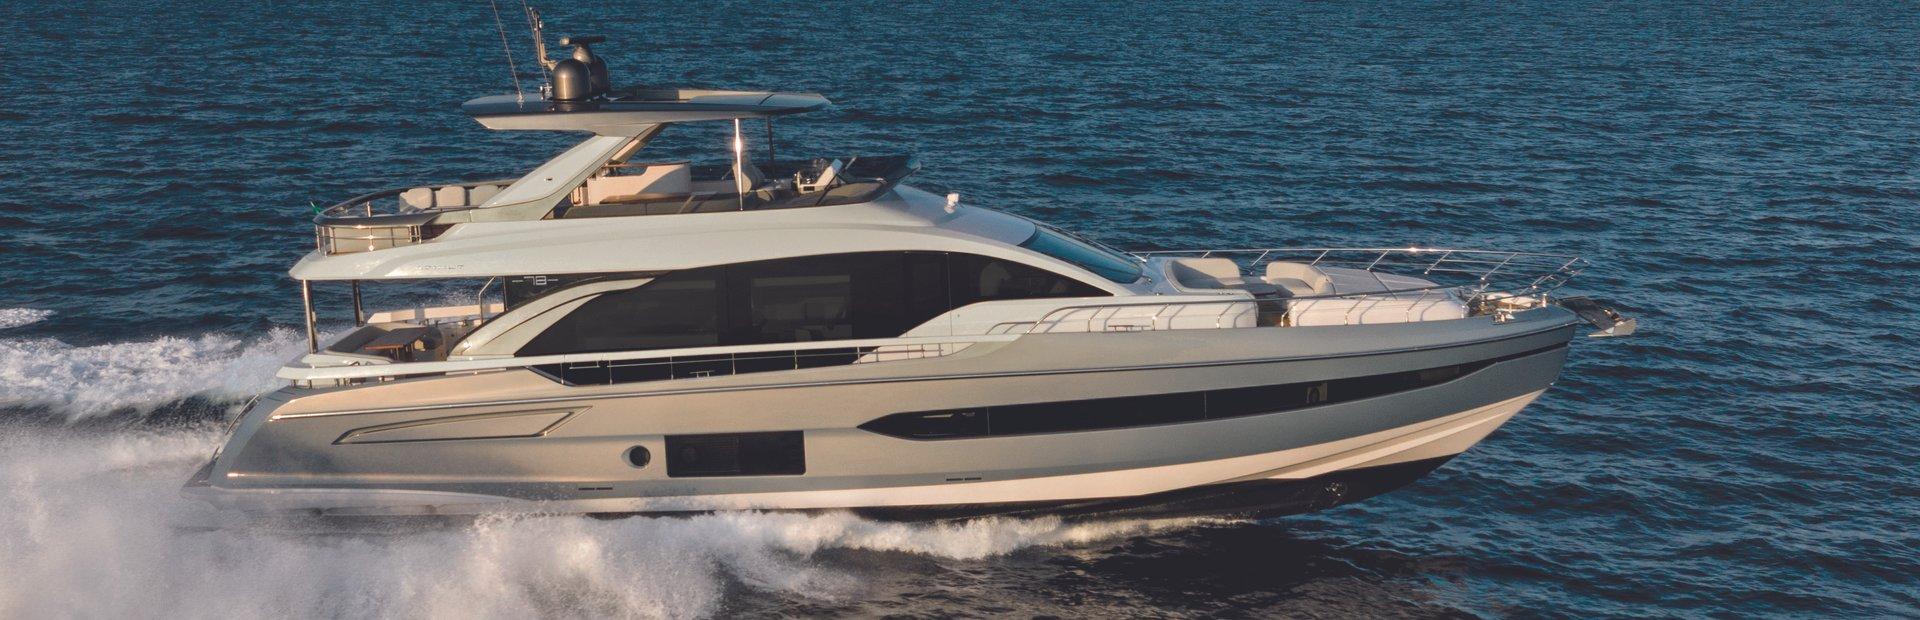 Azimut 78 Yacht Charter